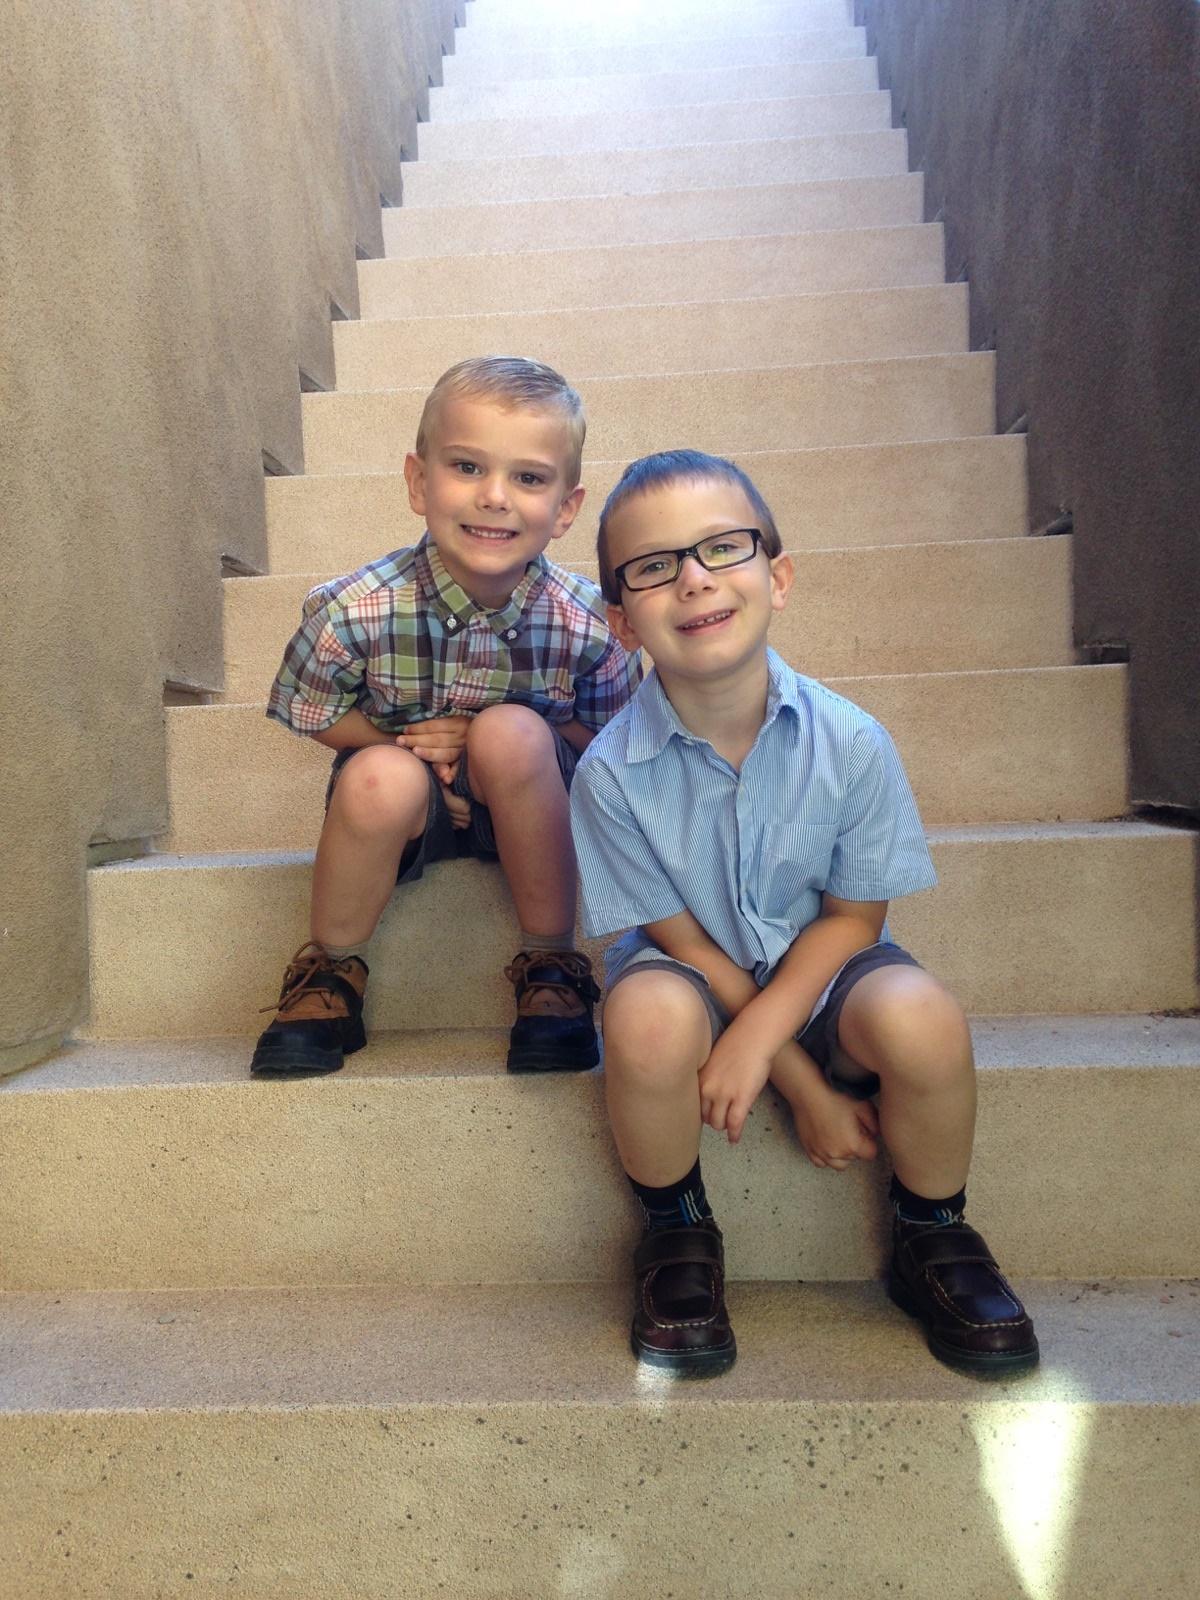 Blake & Garrett Stairs